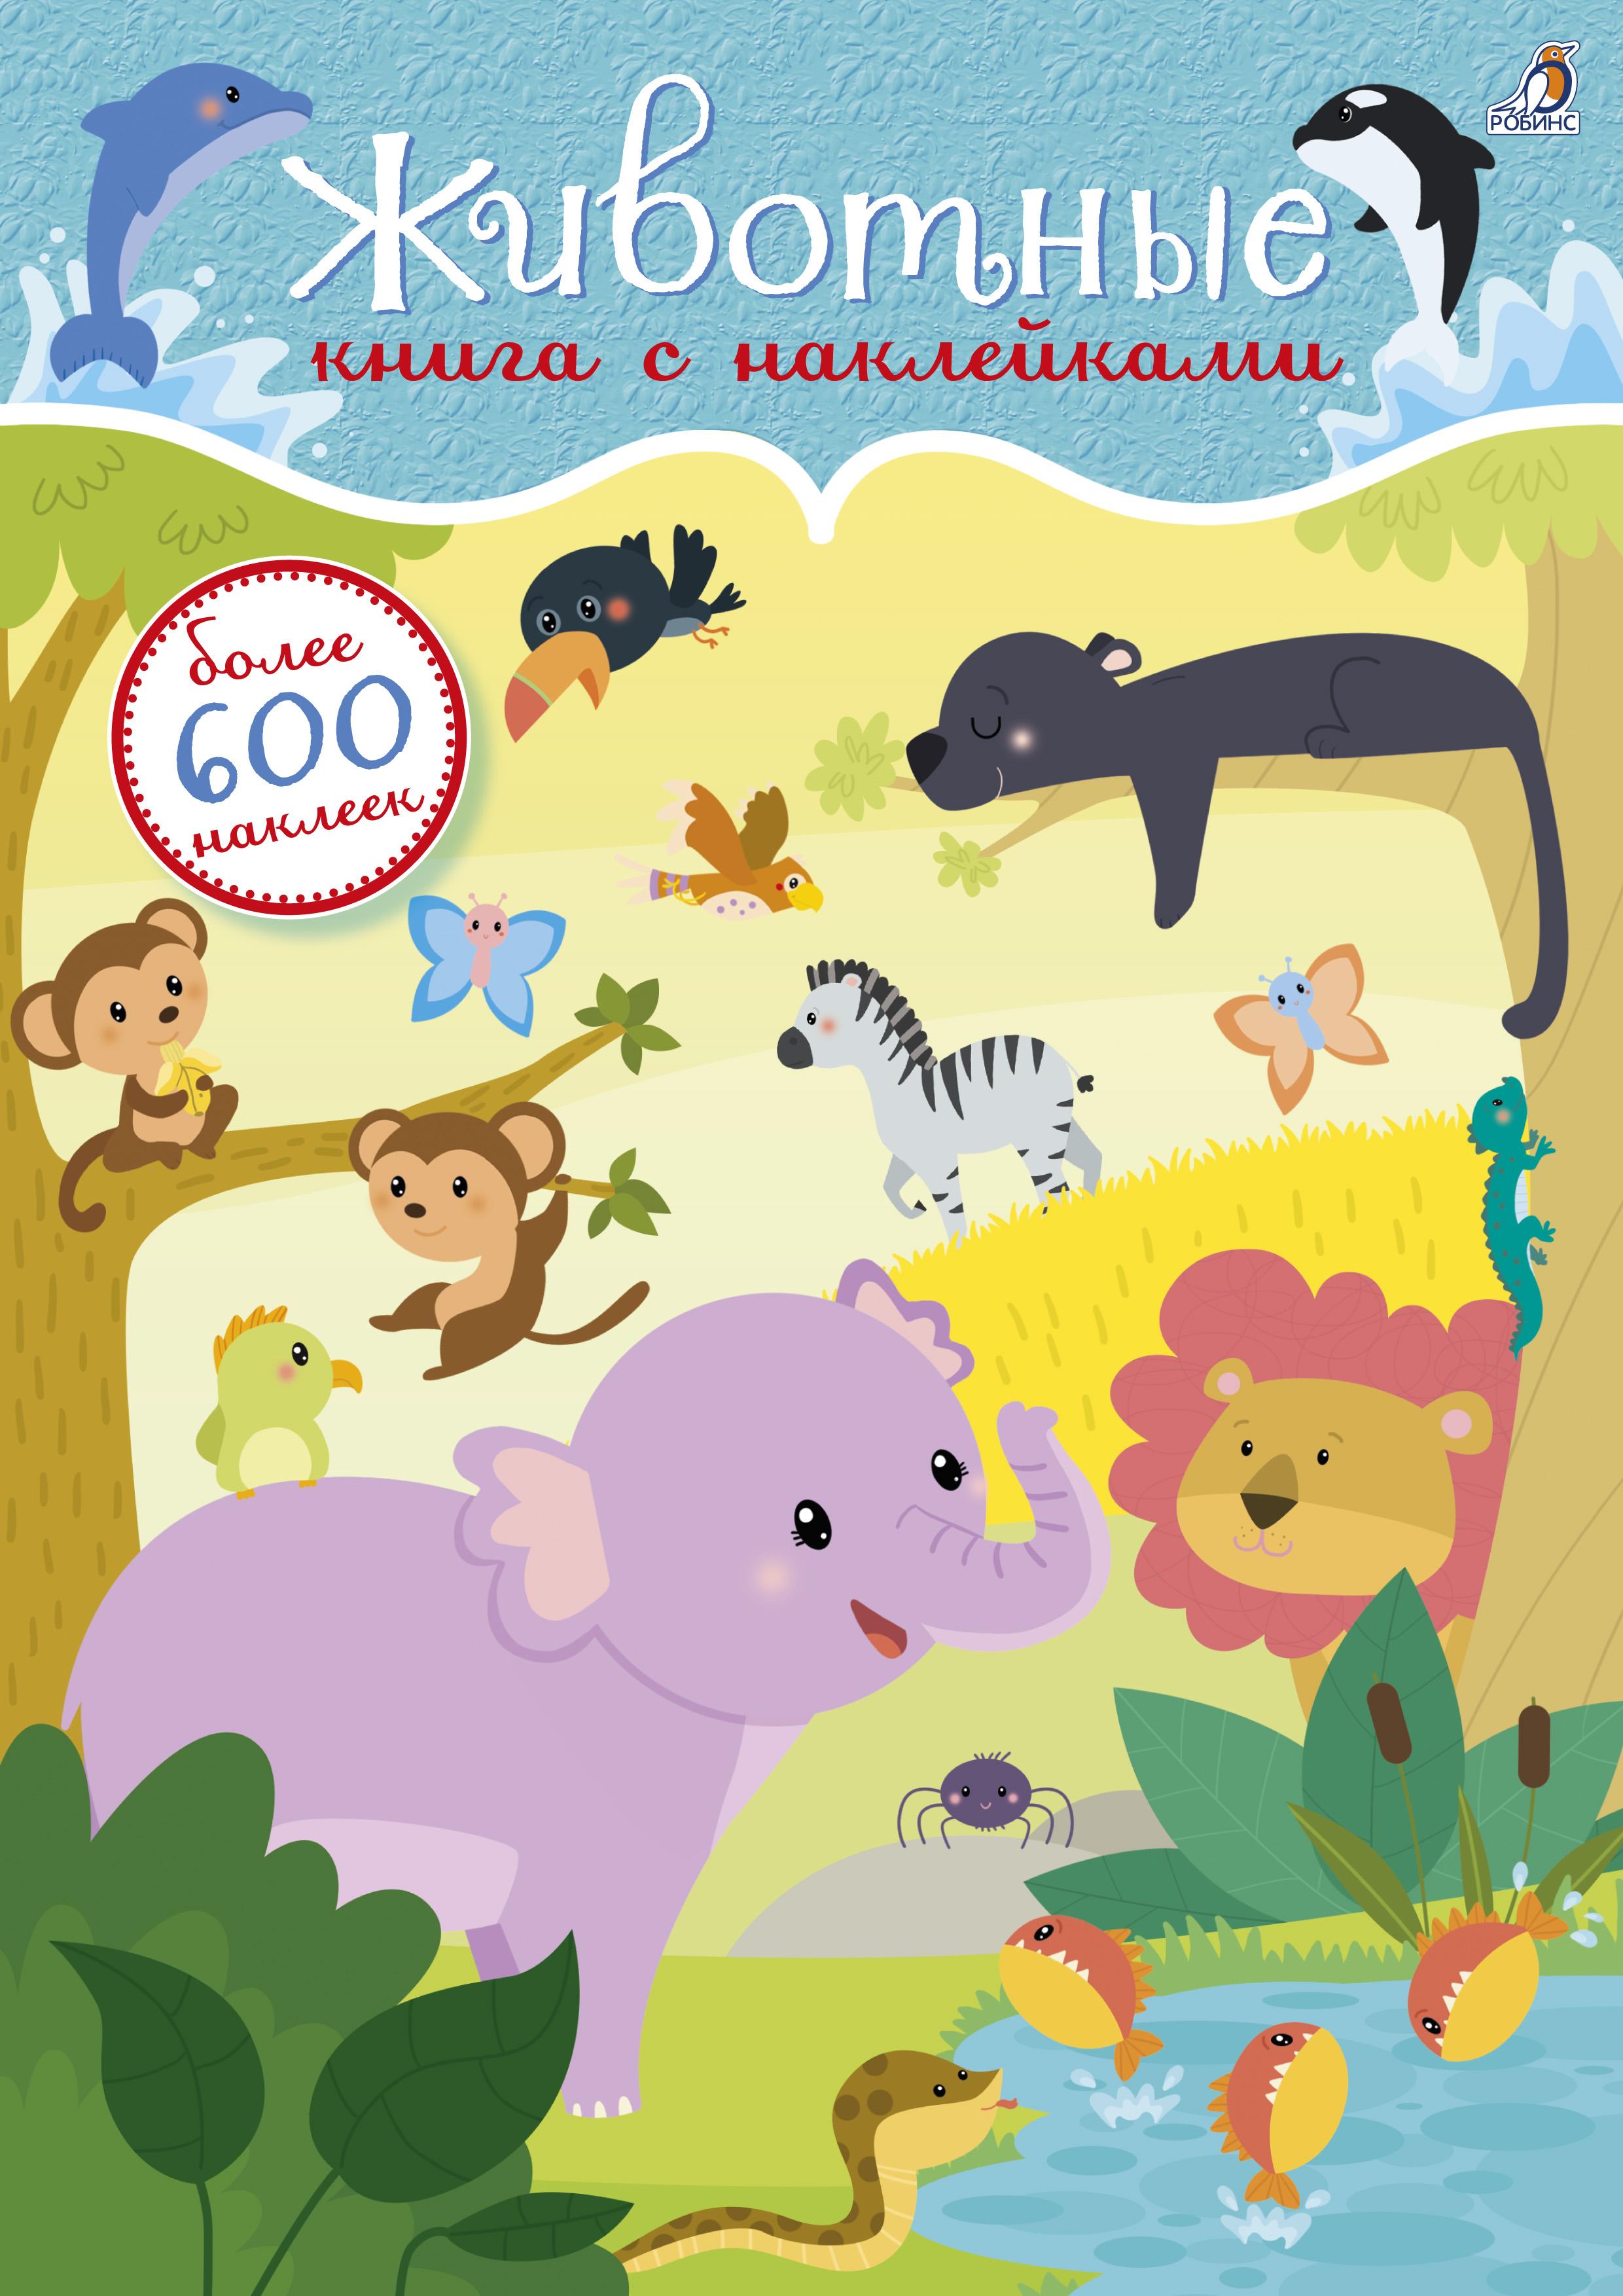 Книга с 600 наклейками - ЖивотныеНаклейки<br>Книга с 600 наклейками - Животные<br>